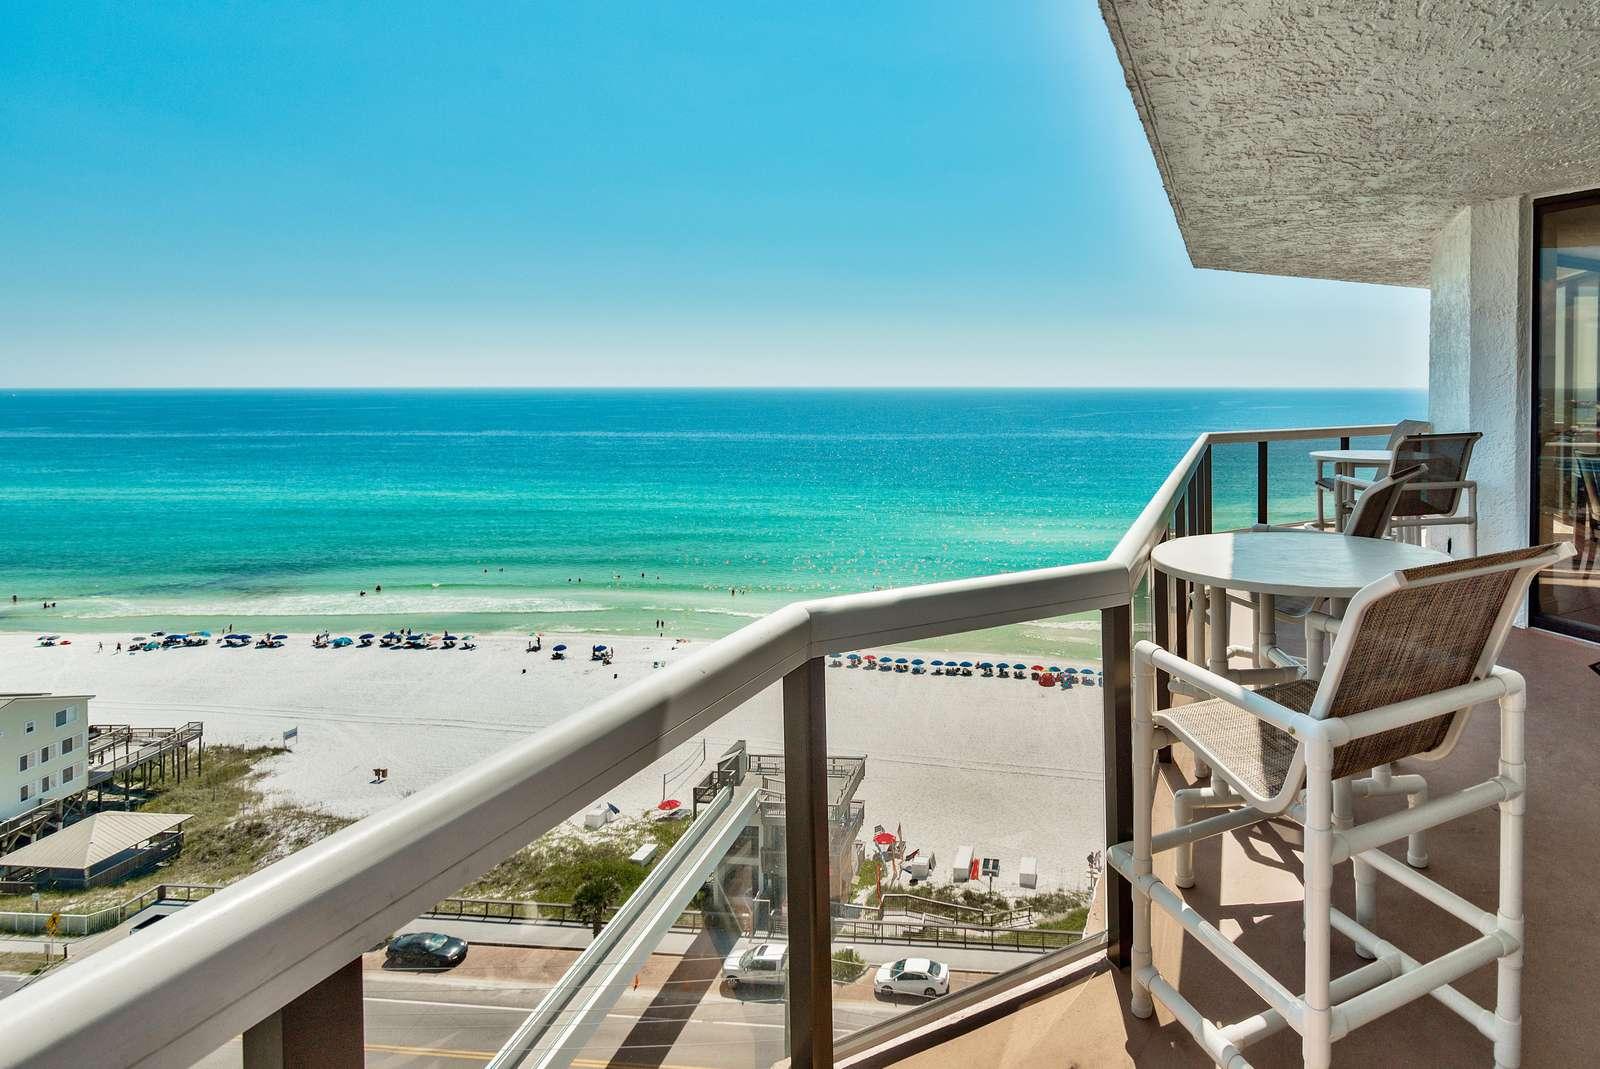 Panoramic Views of the Coastline